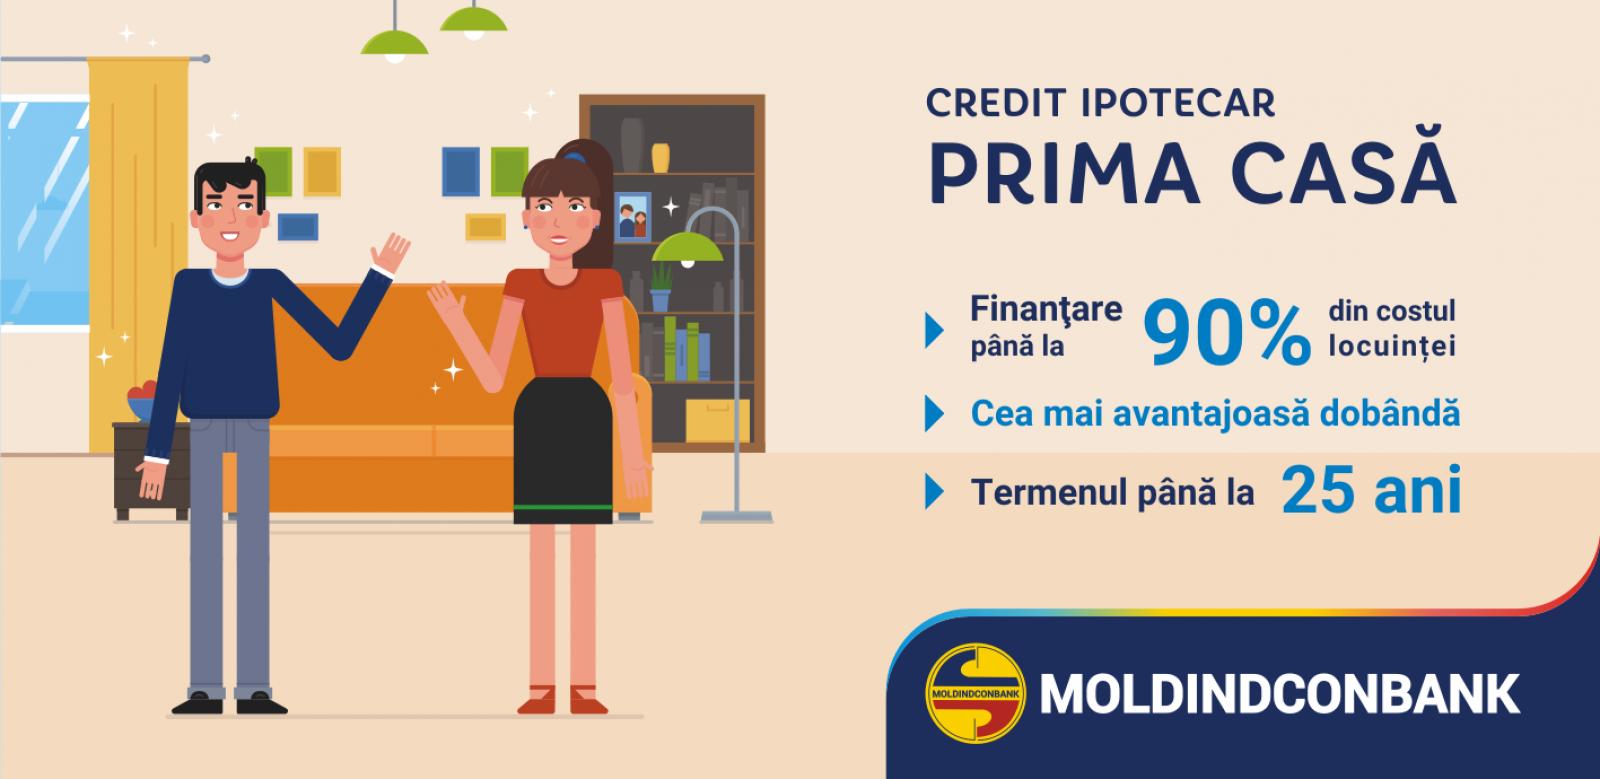 """Moldindconbank micșorează dobânda la creditul """"Prima Casă""""!"""